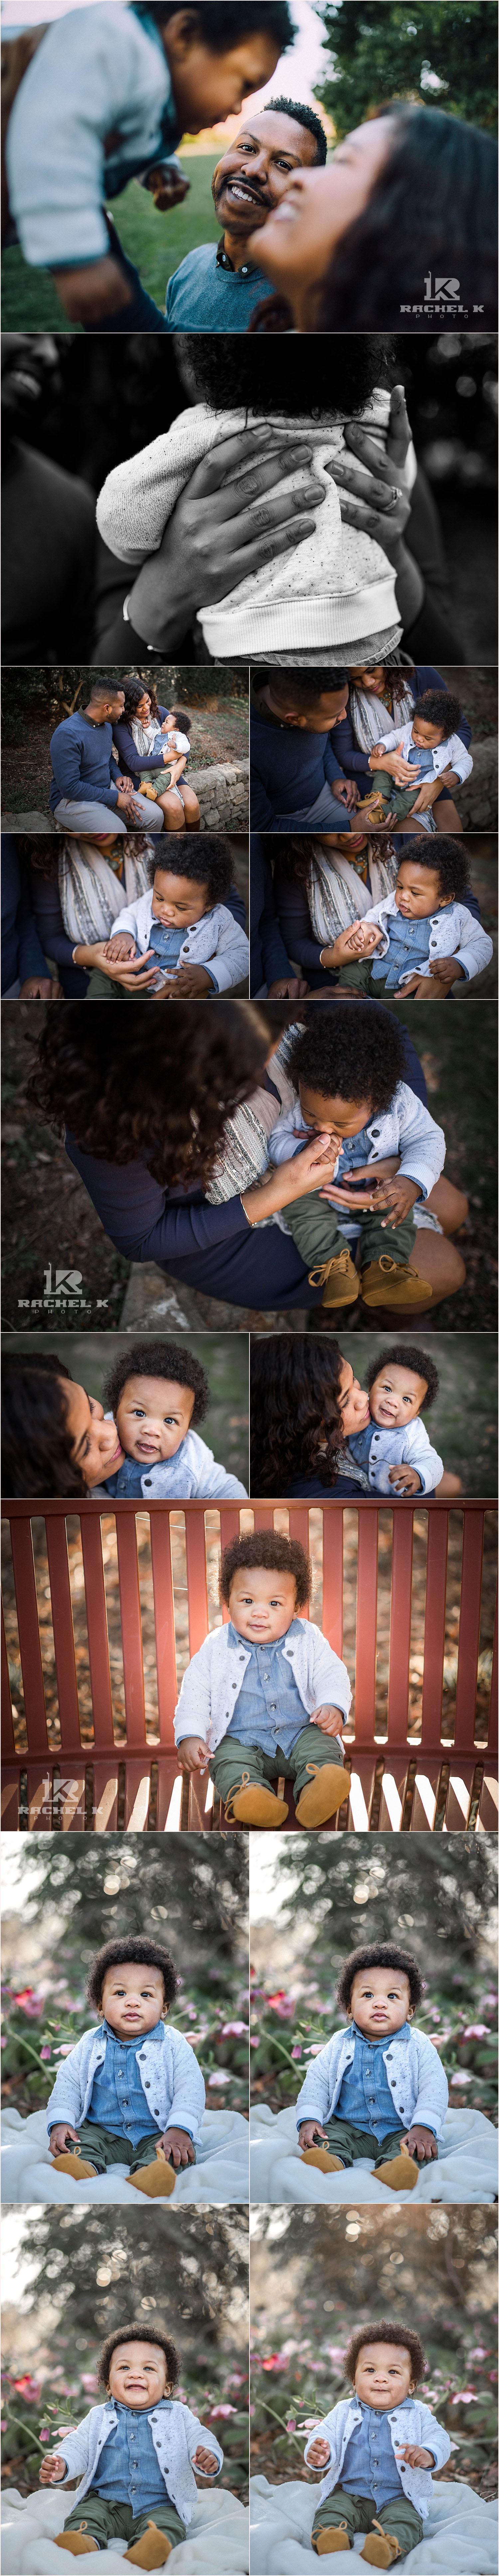 DC unique family photography